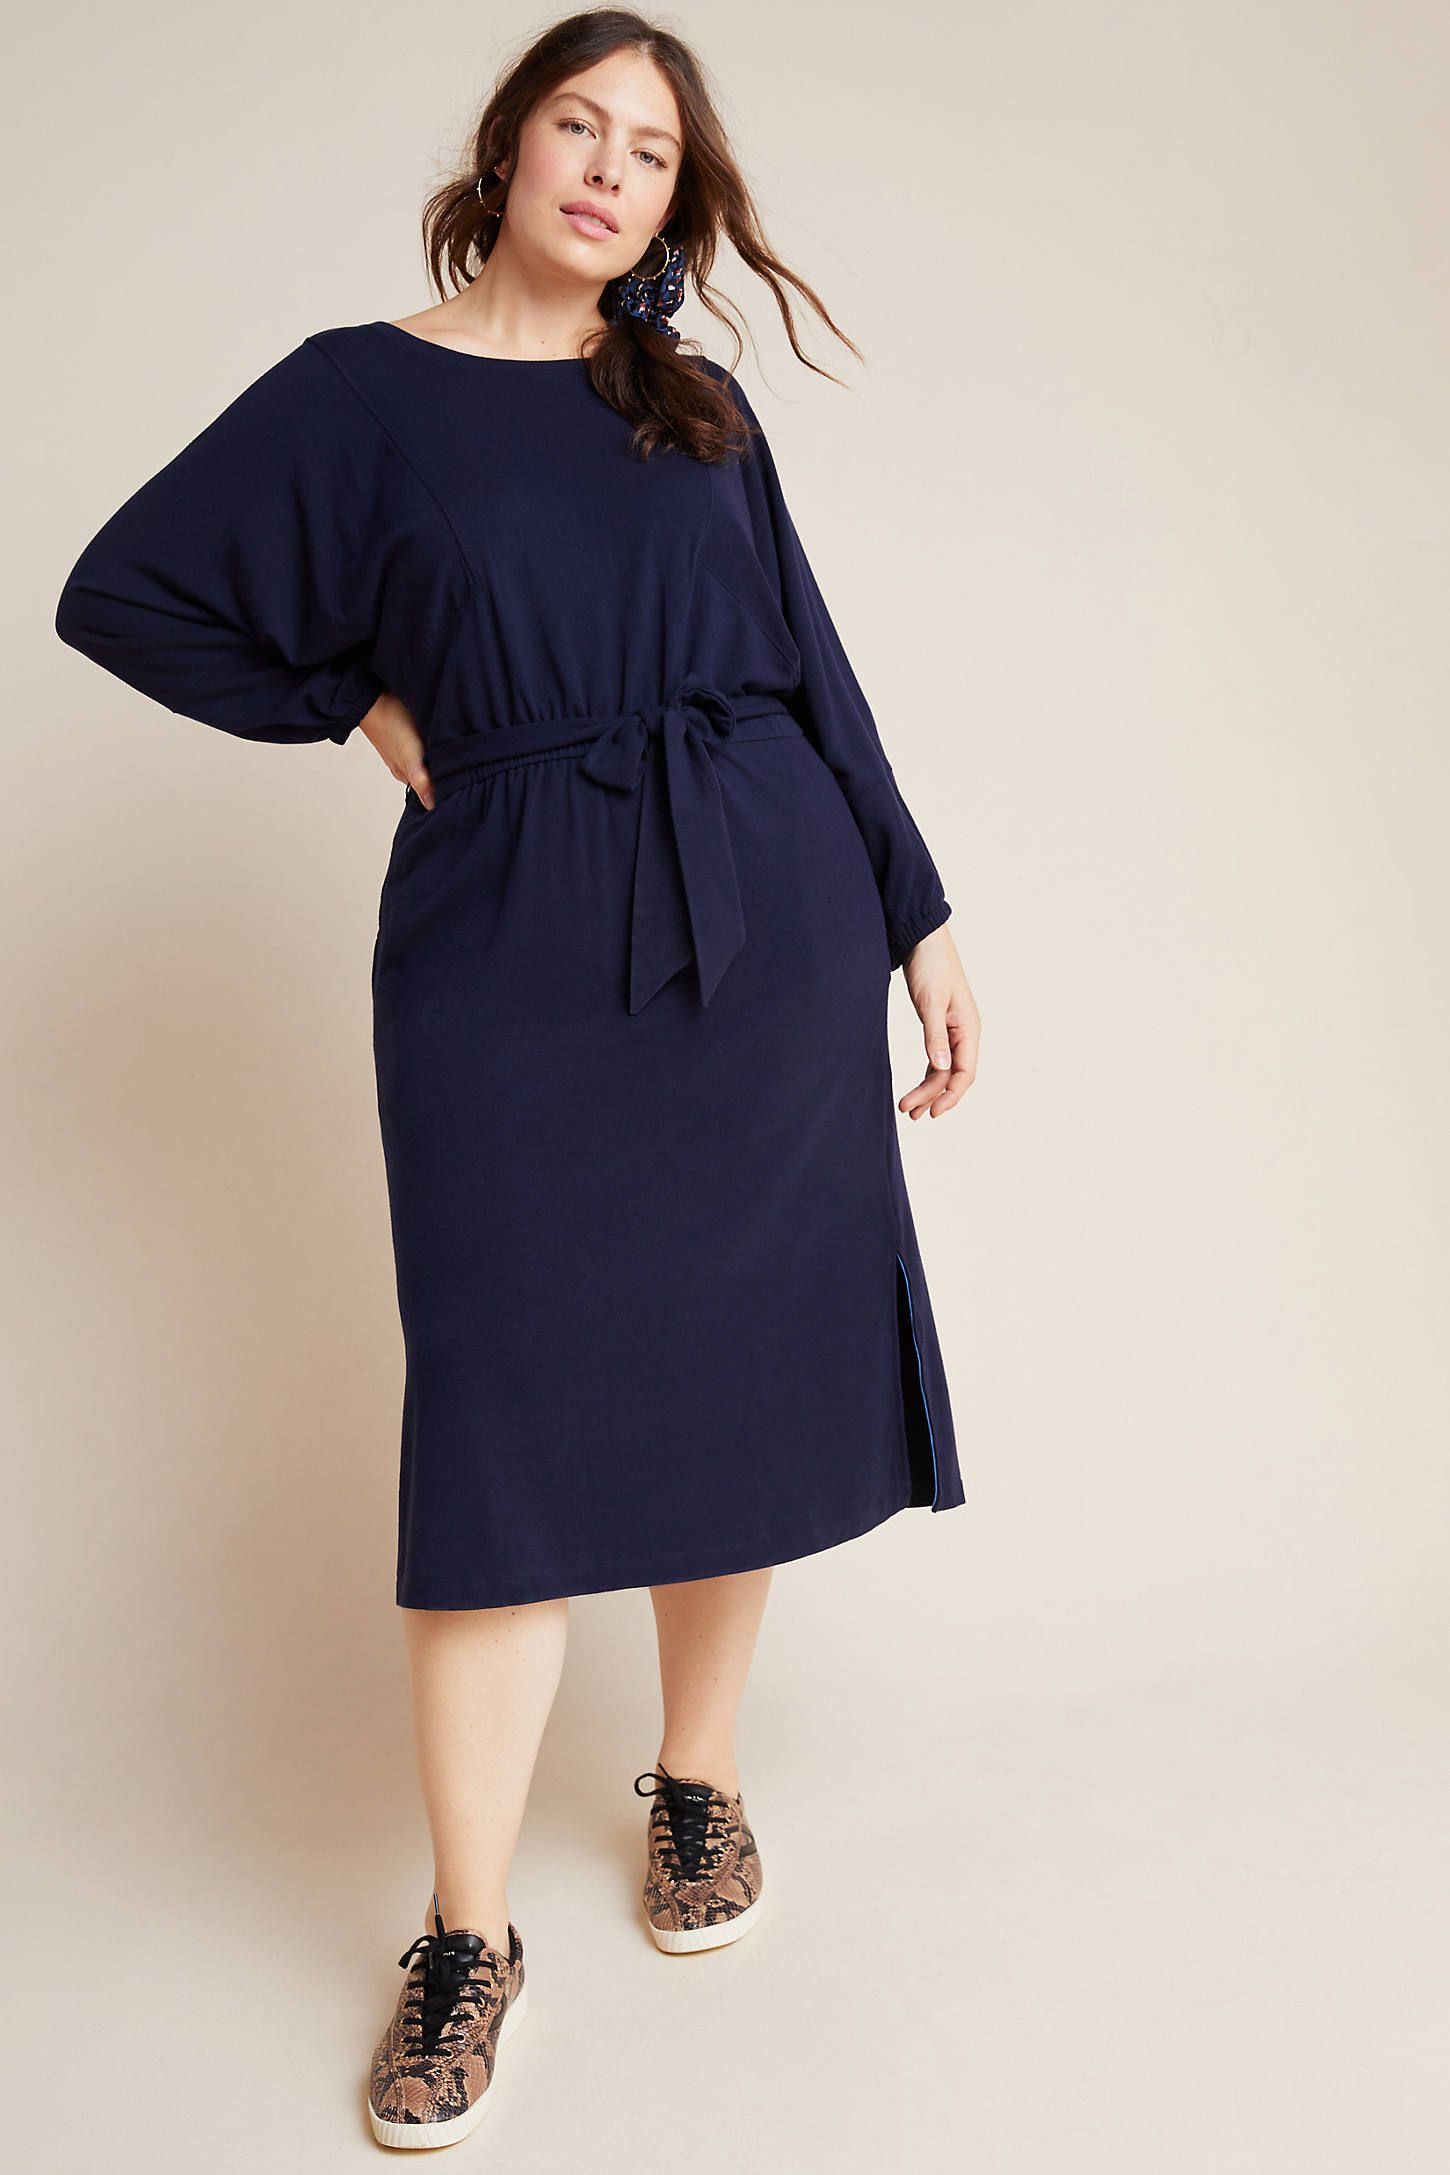 Plus Size Anthropologie Thalia Midikleid in Blau Größe: 3 X, Damenkleider   – Products